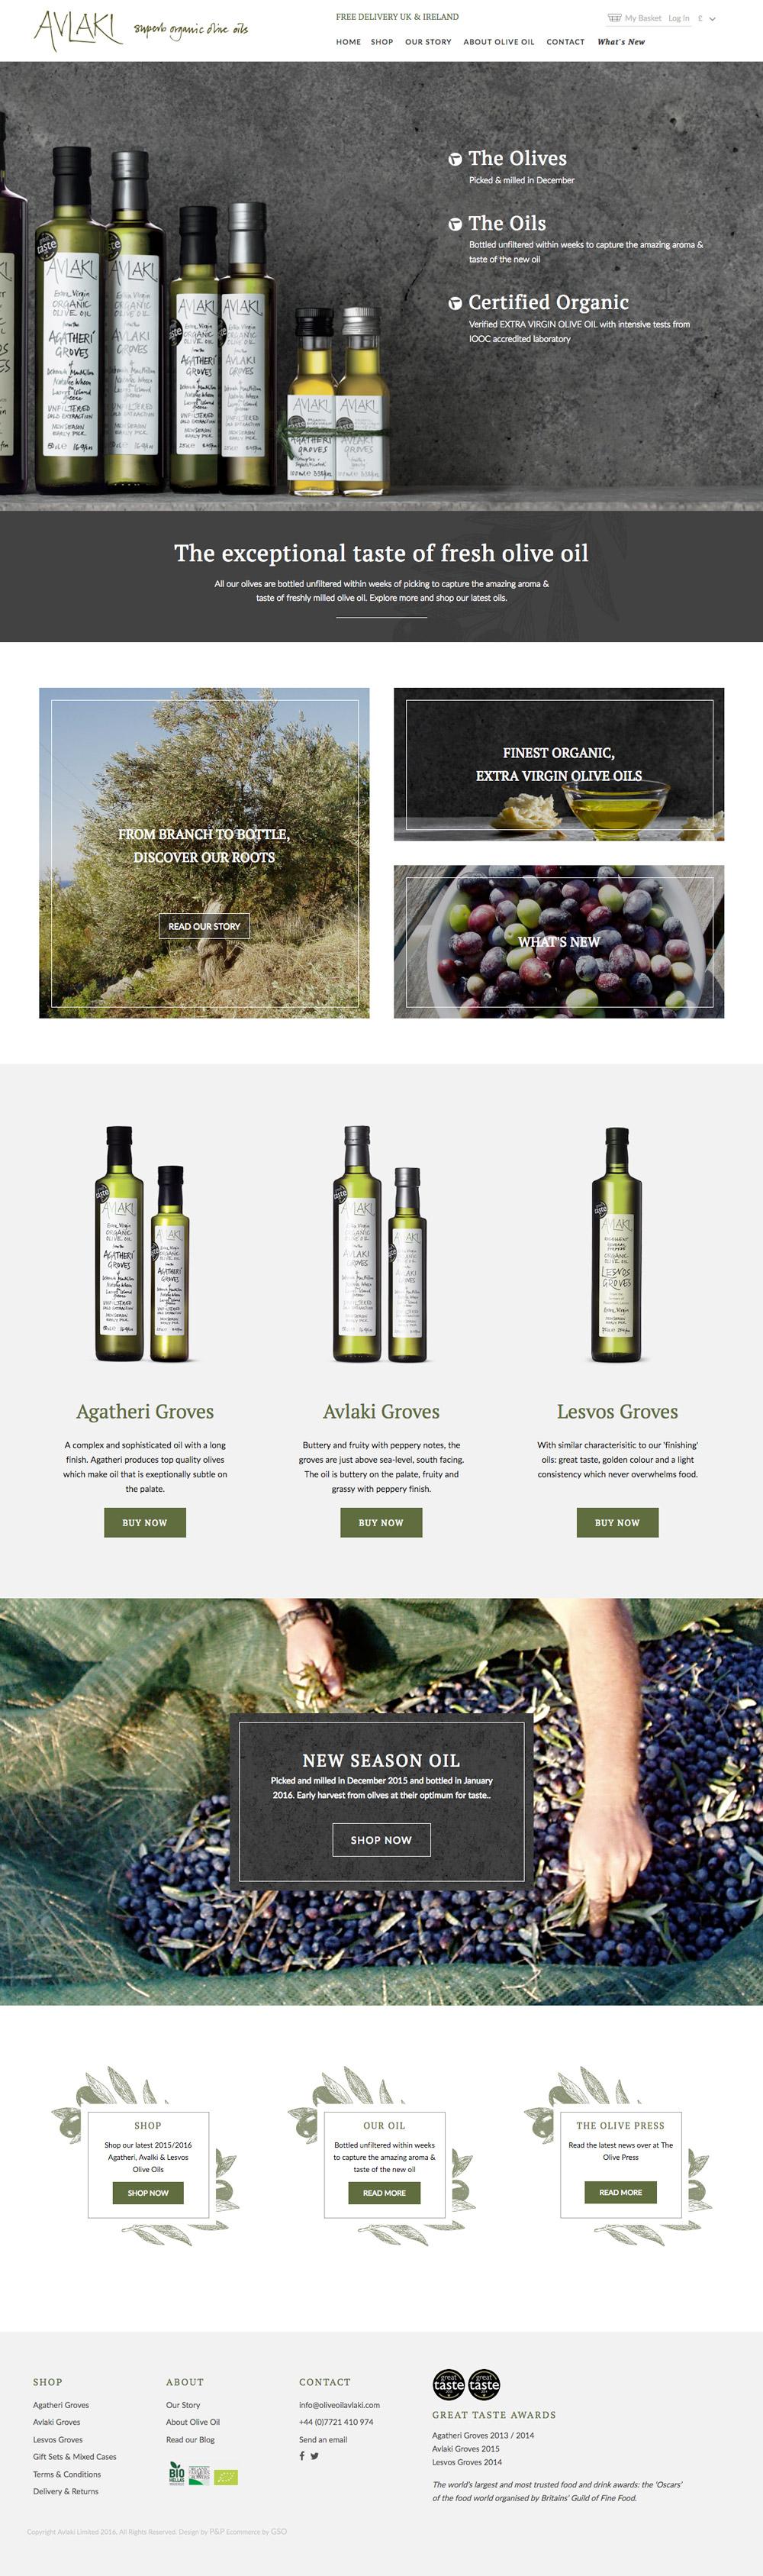 Avlaki Olive Oil avlaki homepage